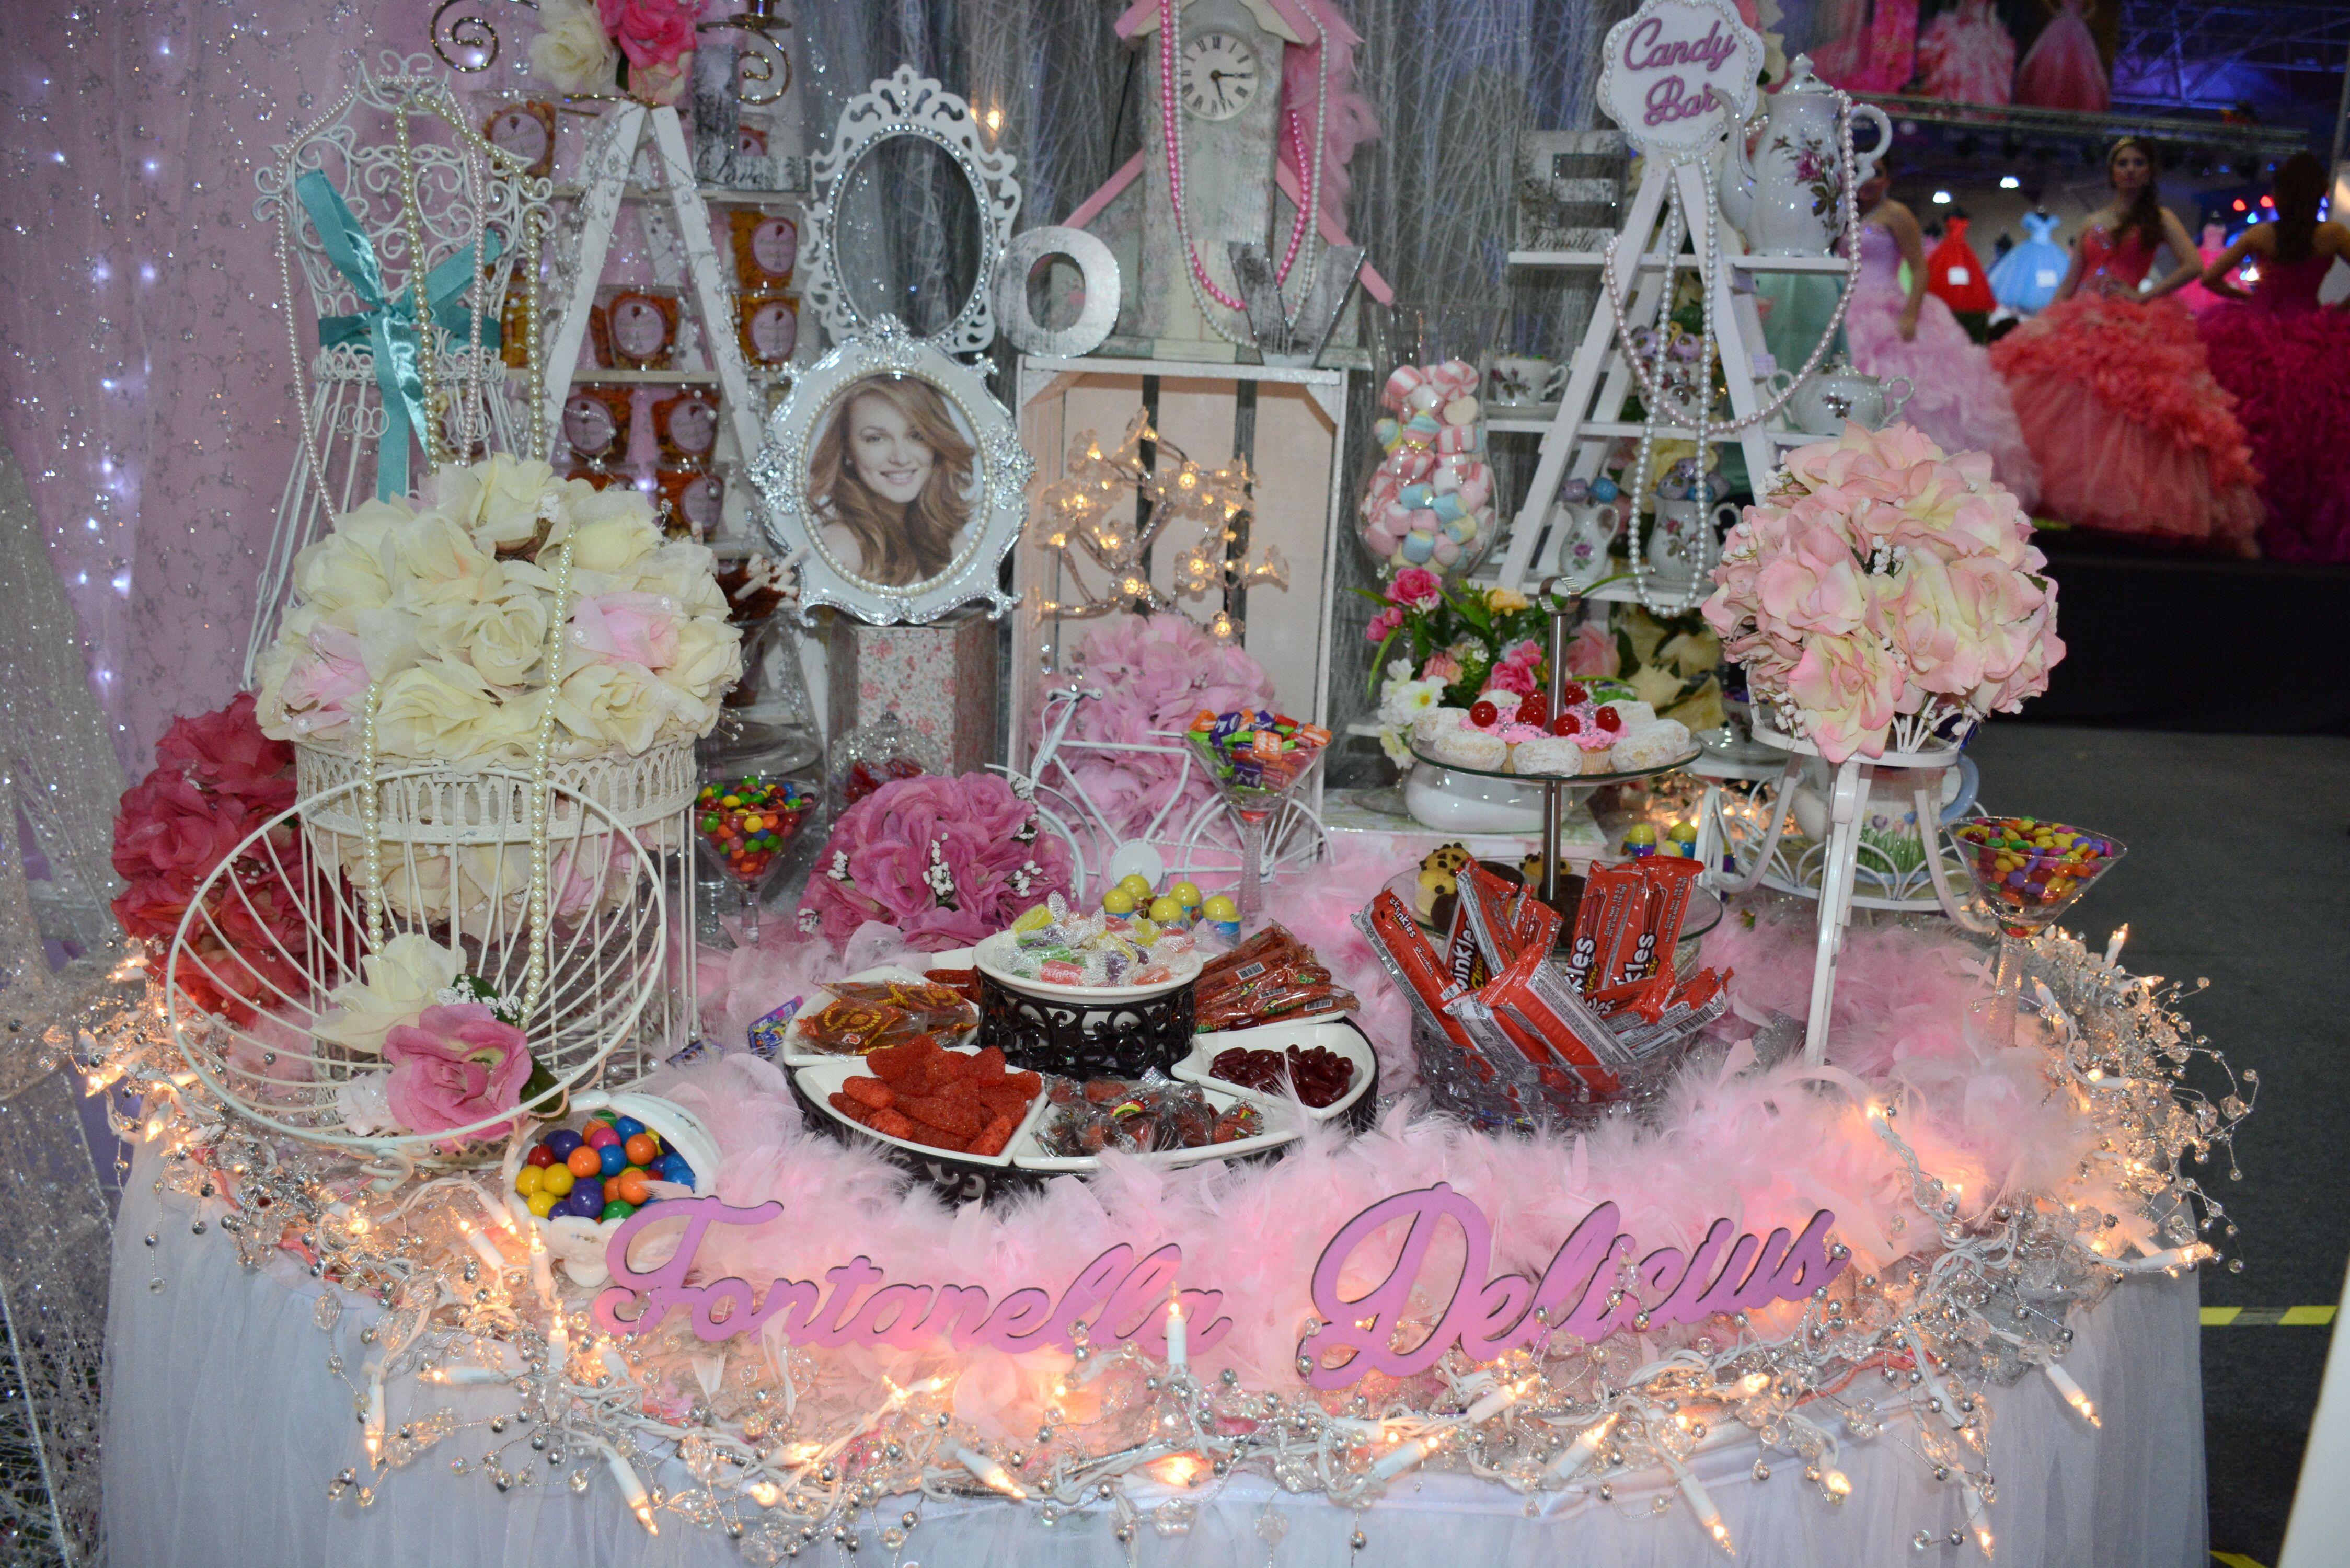 Mesa de Dulces para tu quince años #mesadedulces #quinceaños #quince #XV # quinceañera | Mesa de dulces, Dulces, Cumpleaños